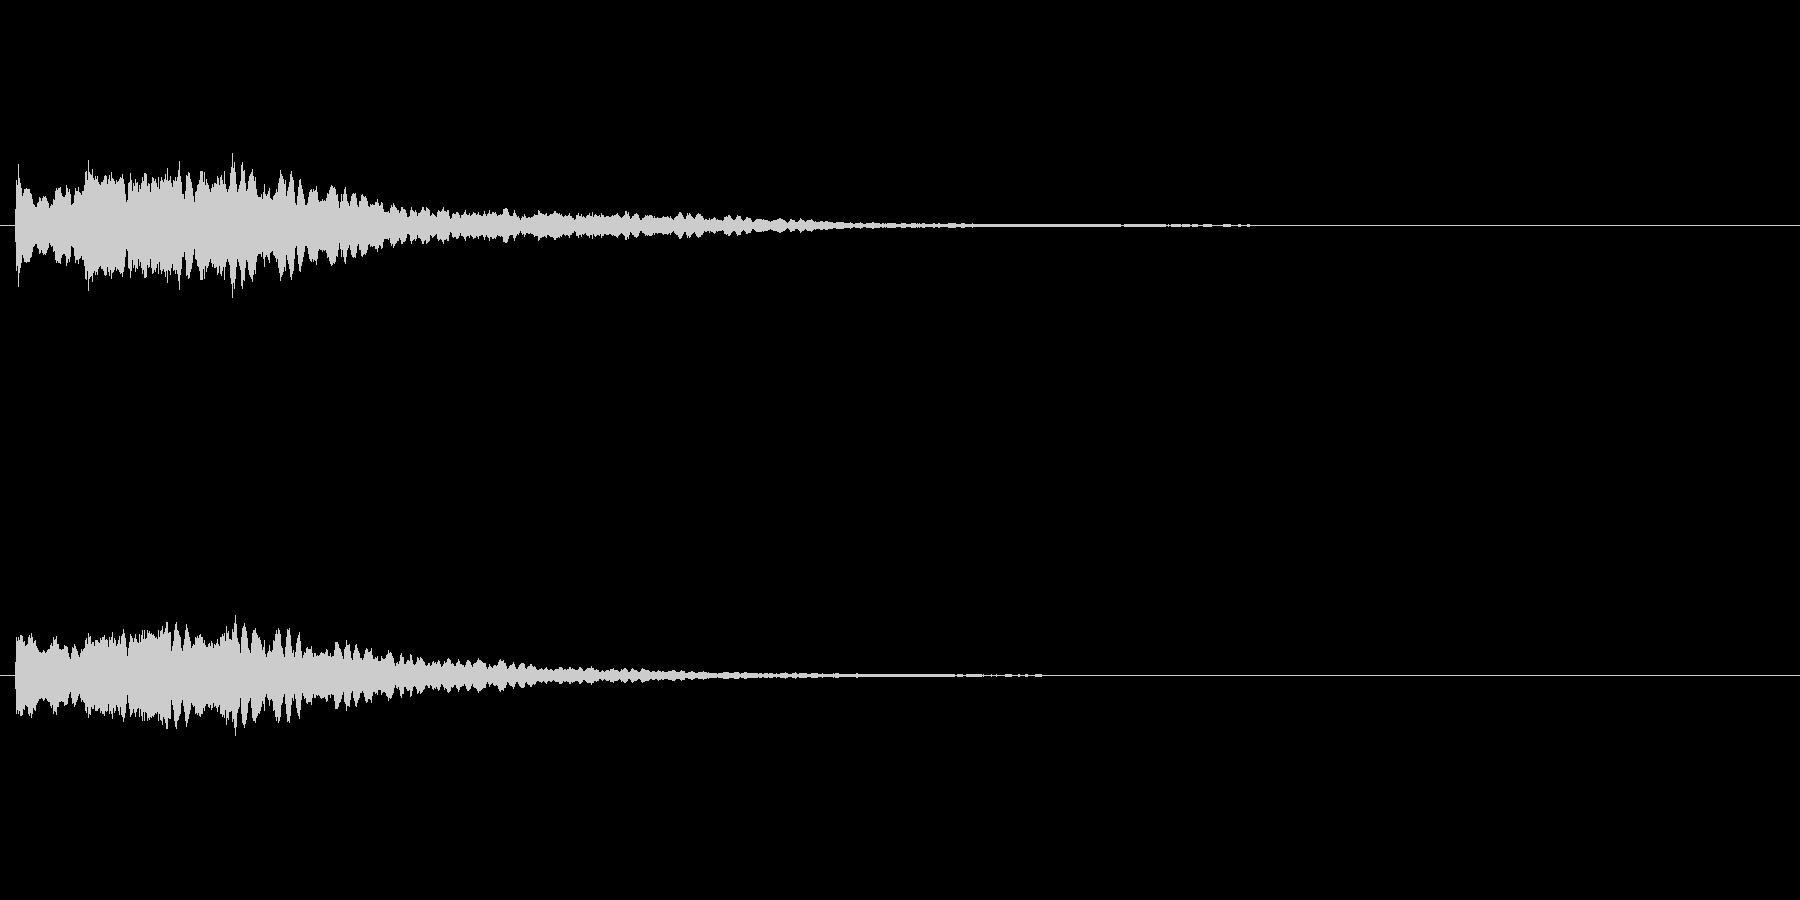 キラキラした起動音の未再生の波形